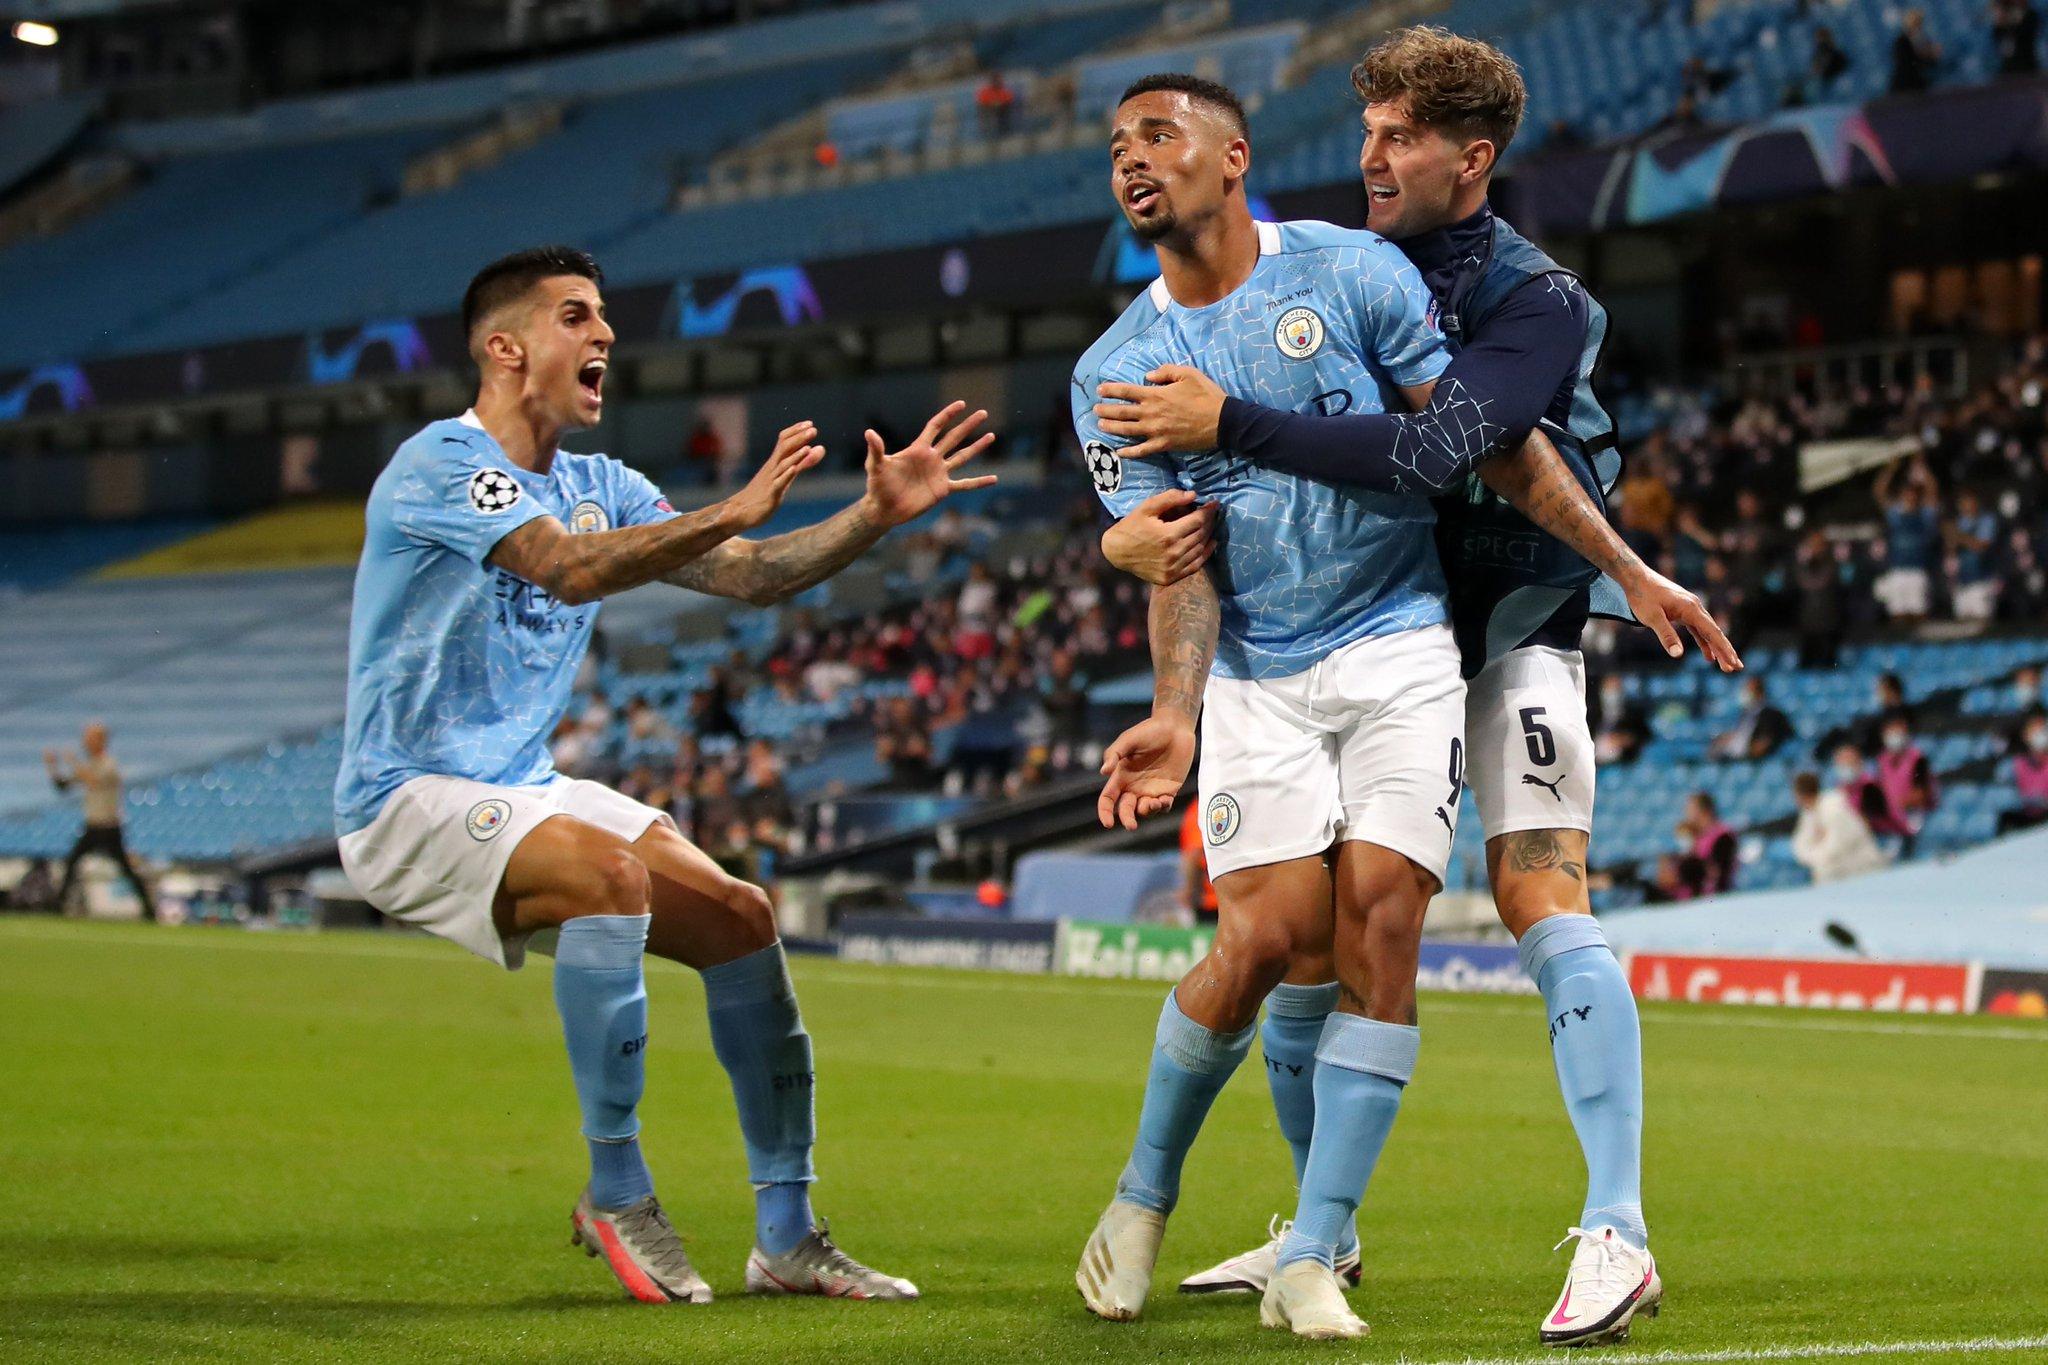 Manchester City élimine le Real Madrid et rejoint les quarts de la Ligue des champions, Varane en plein cauchemar